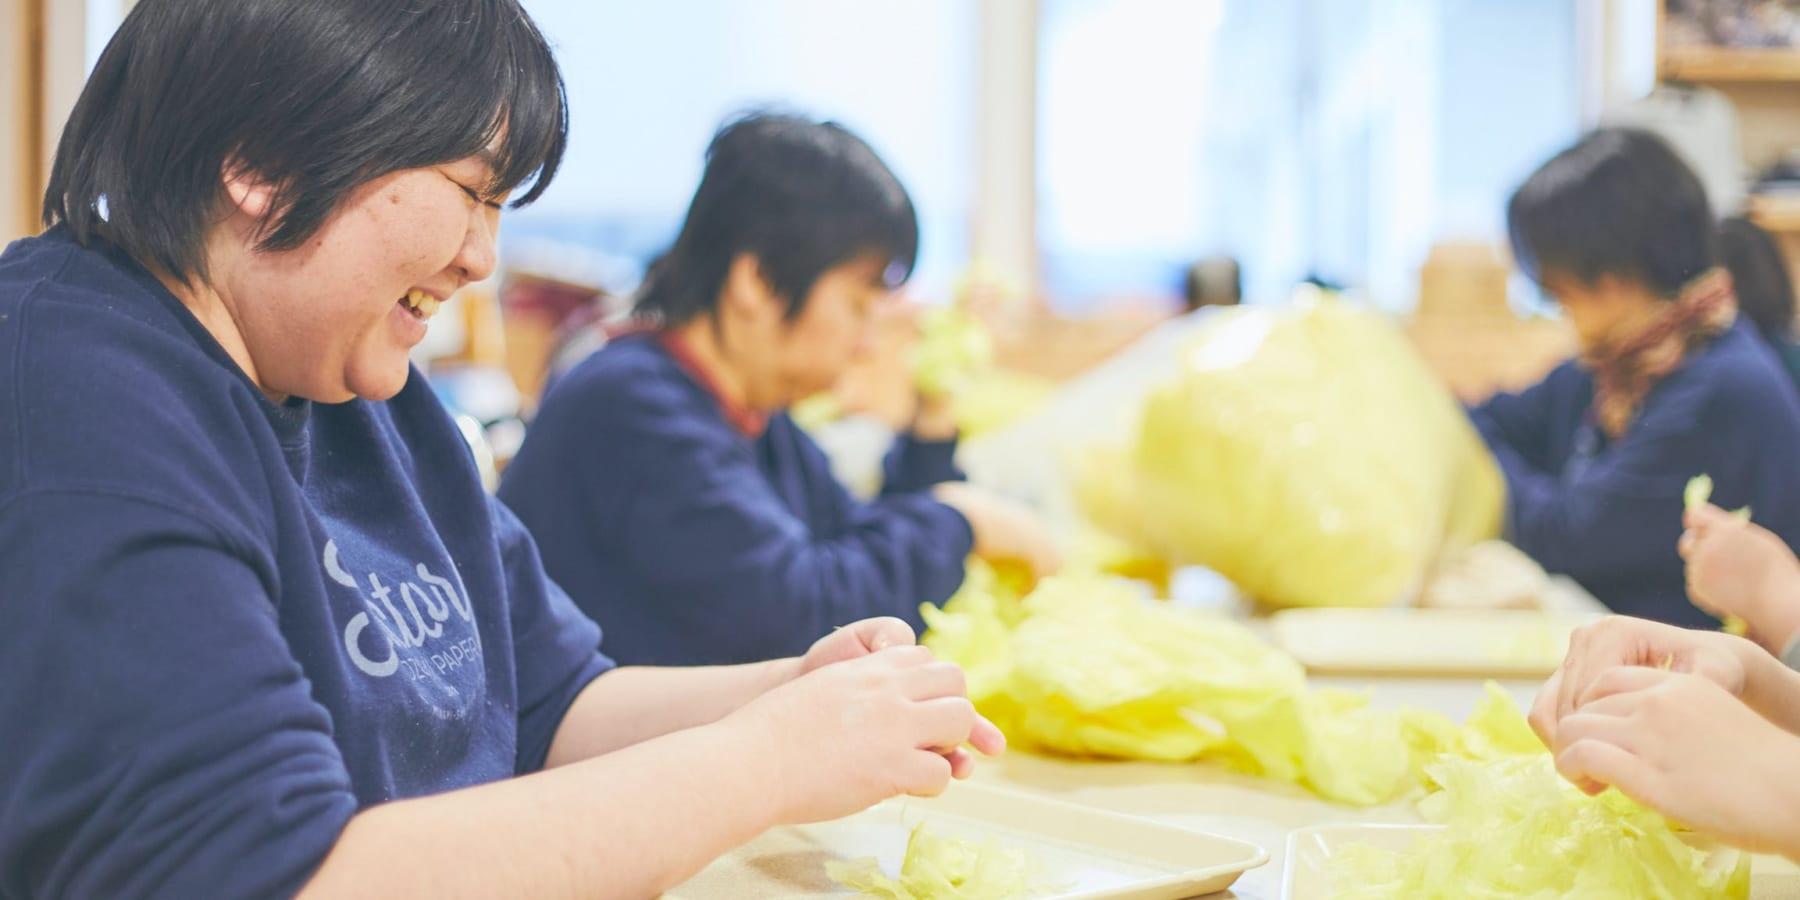 仙台七夕祭りの飾りで作られたリサイクルペーパー「TANABATA PAPER」